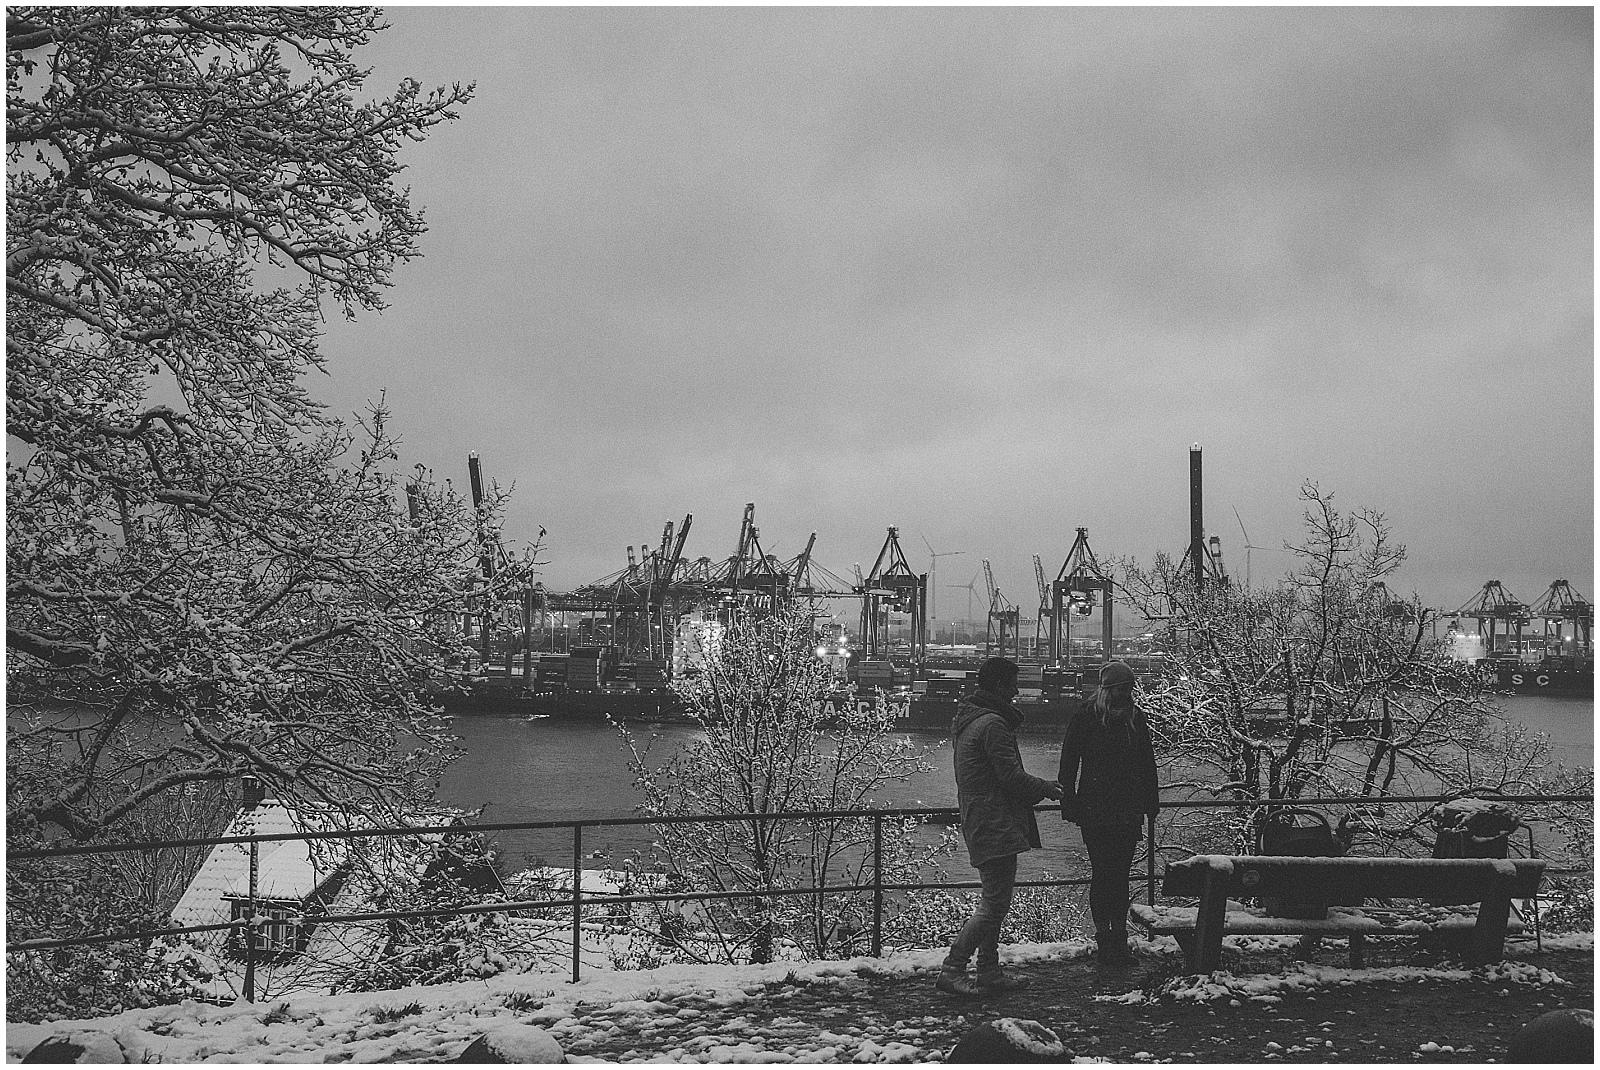 Familienfotografie - Fotograf - Hamburg -Elbufer - deutschlandweit - authentisch - emotional - Daniel zube